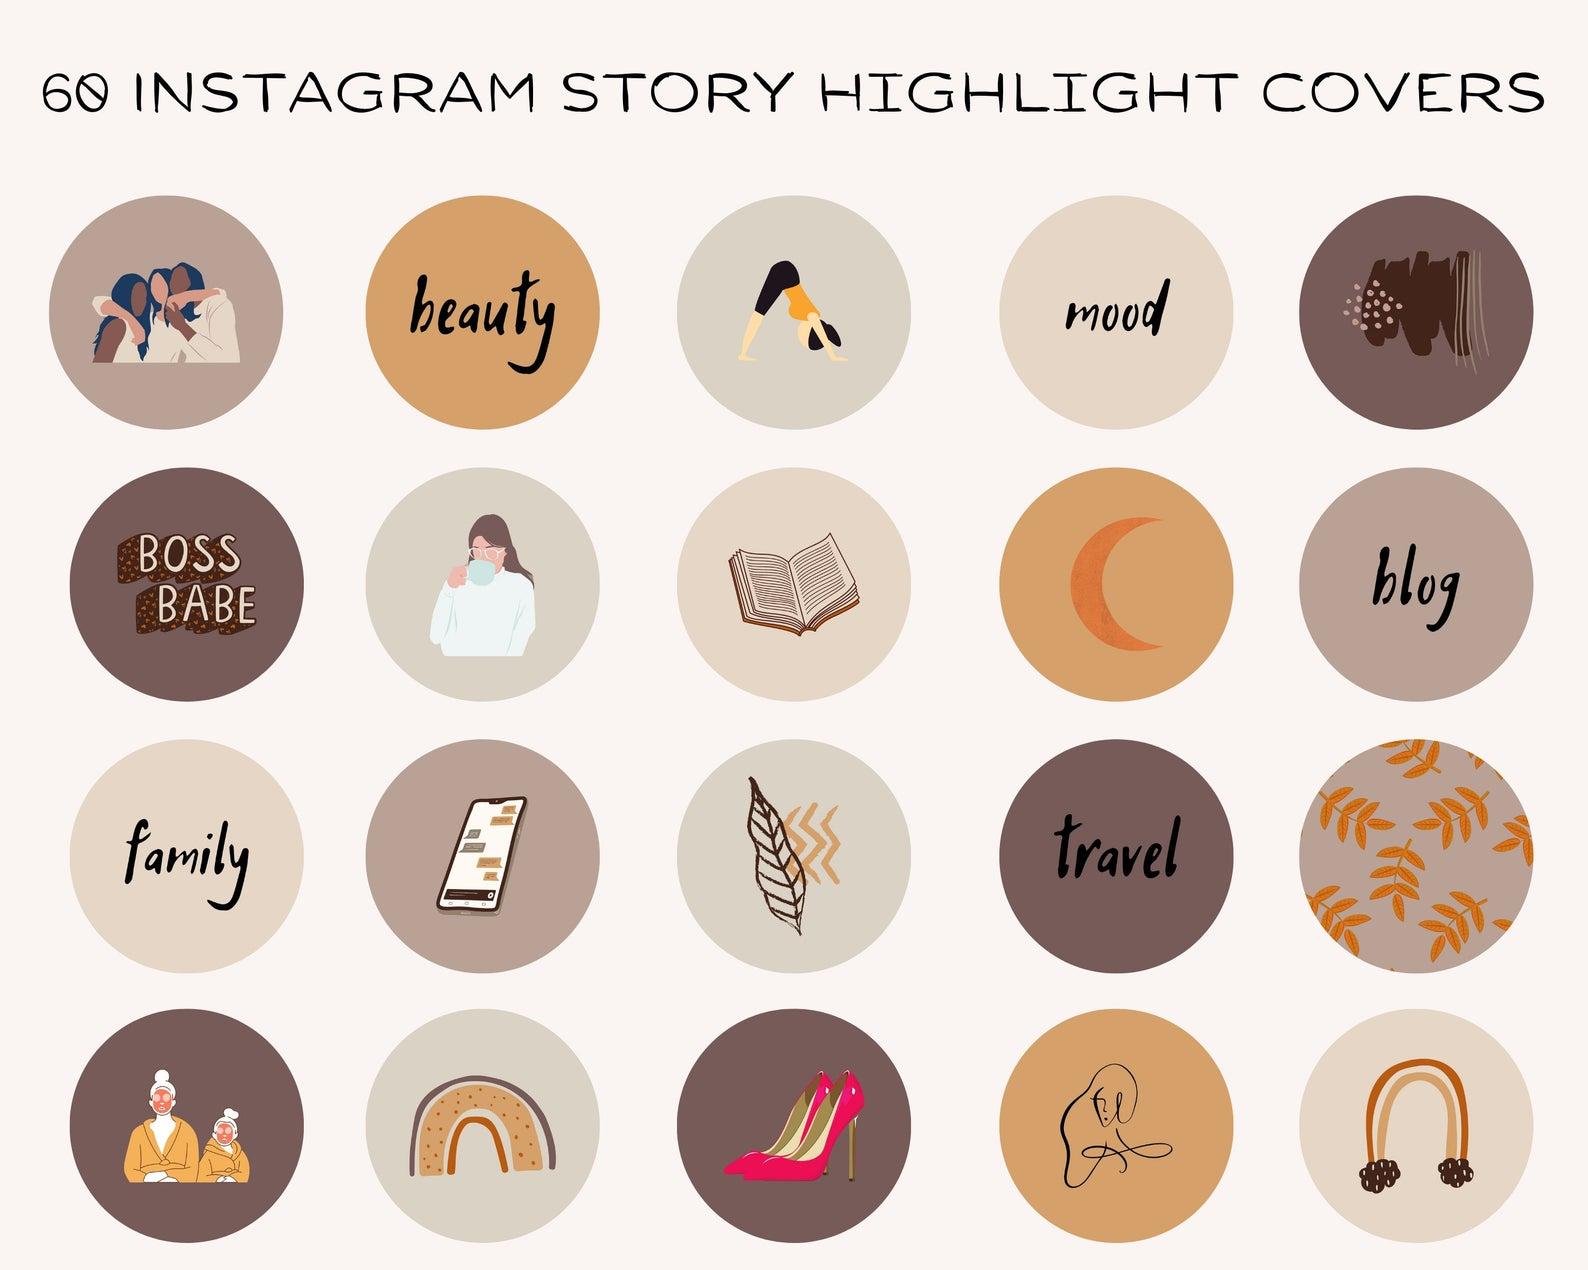 Как сделать обложку для инстаграм историй хайлайтс